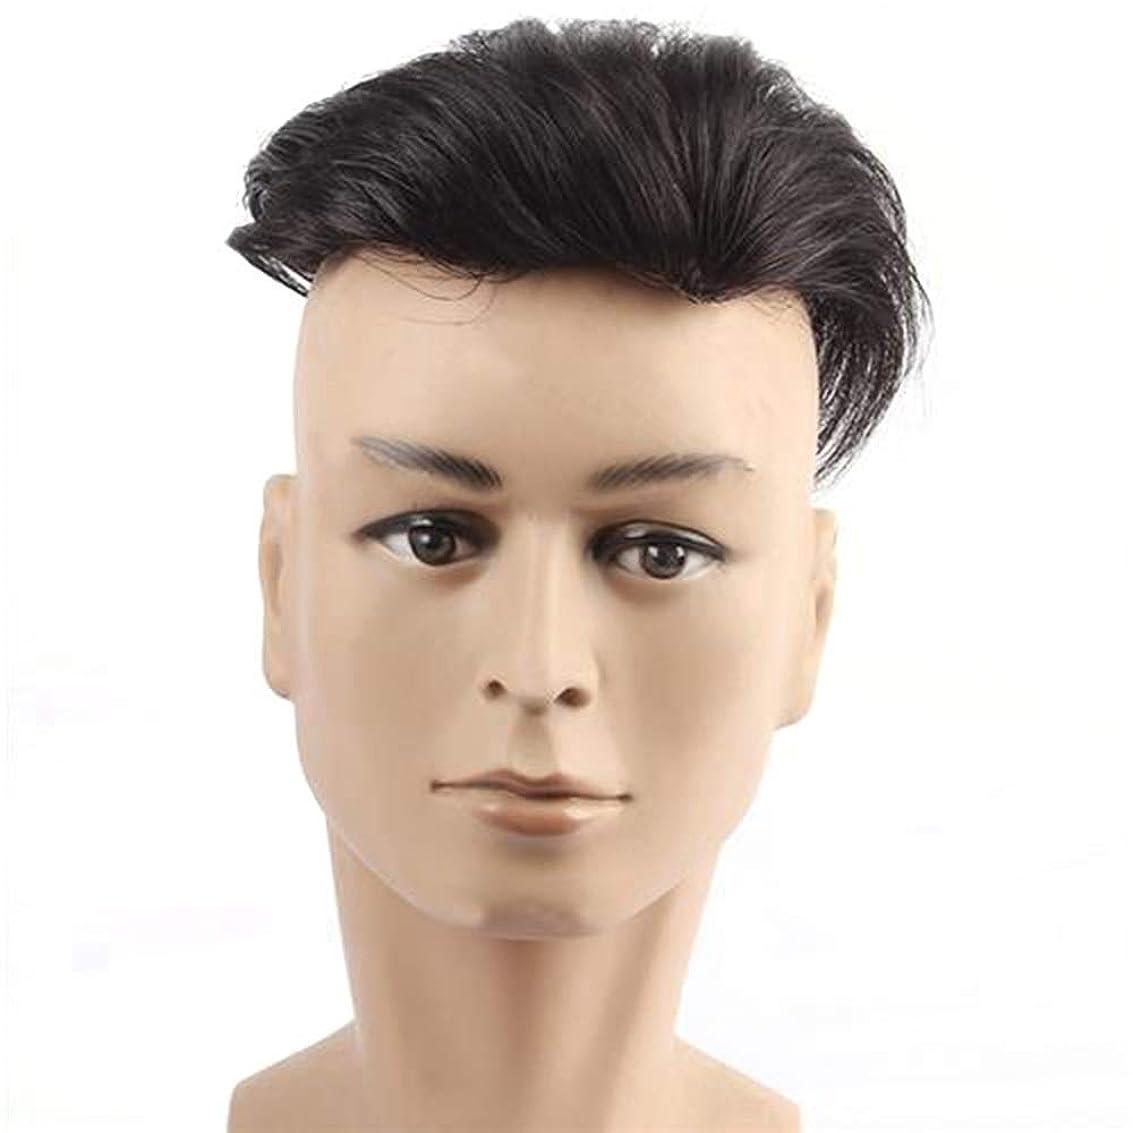 に話すでるトランジスタHOHYLLYA 男性のための短い本物の髪の拡張子でハンドニードルクリップハンサムな手織かつらファッションかつら (色 : Natural black, サイズ : 16x18)